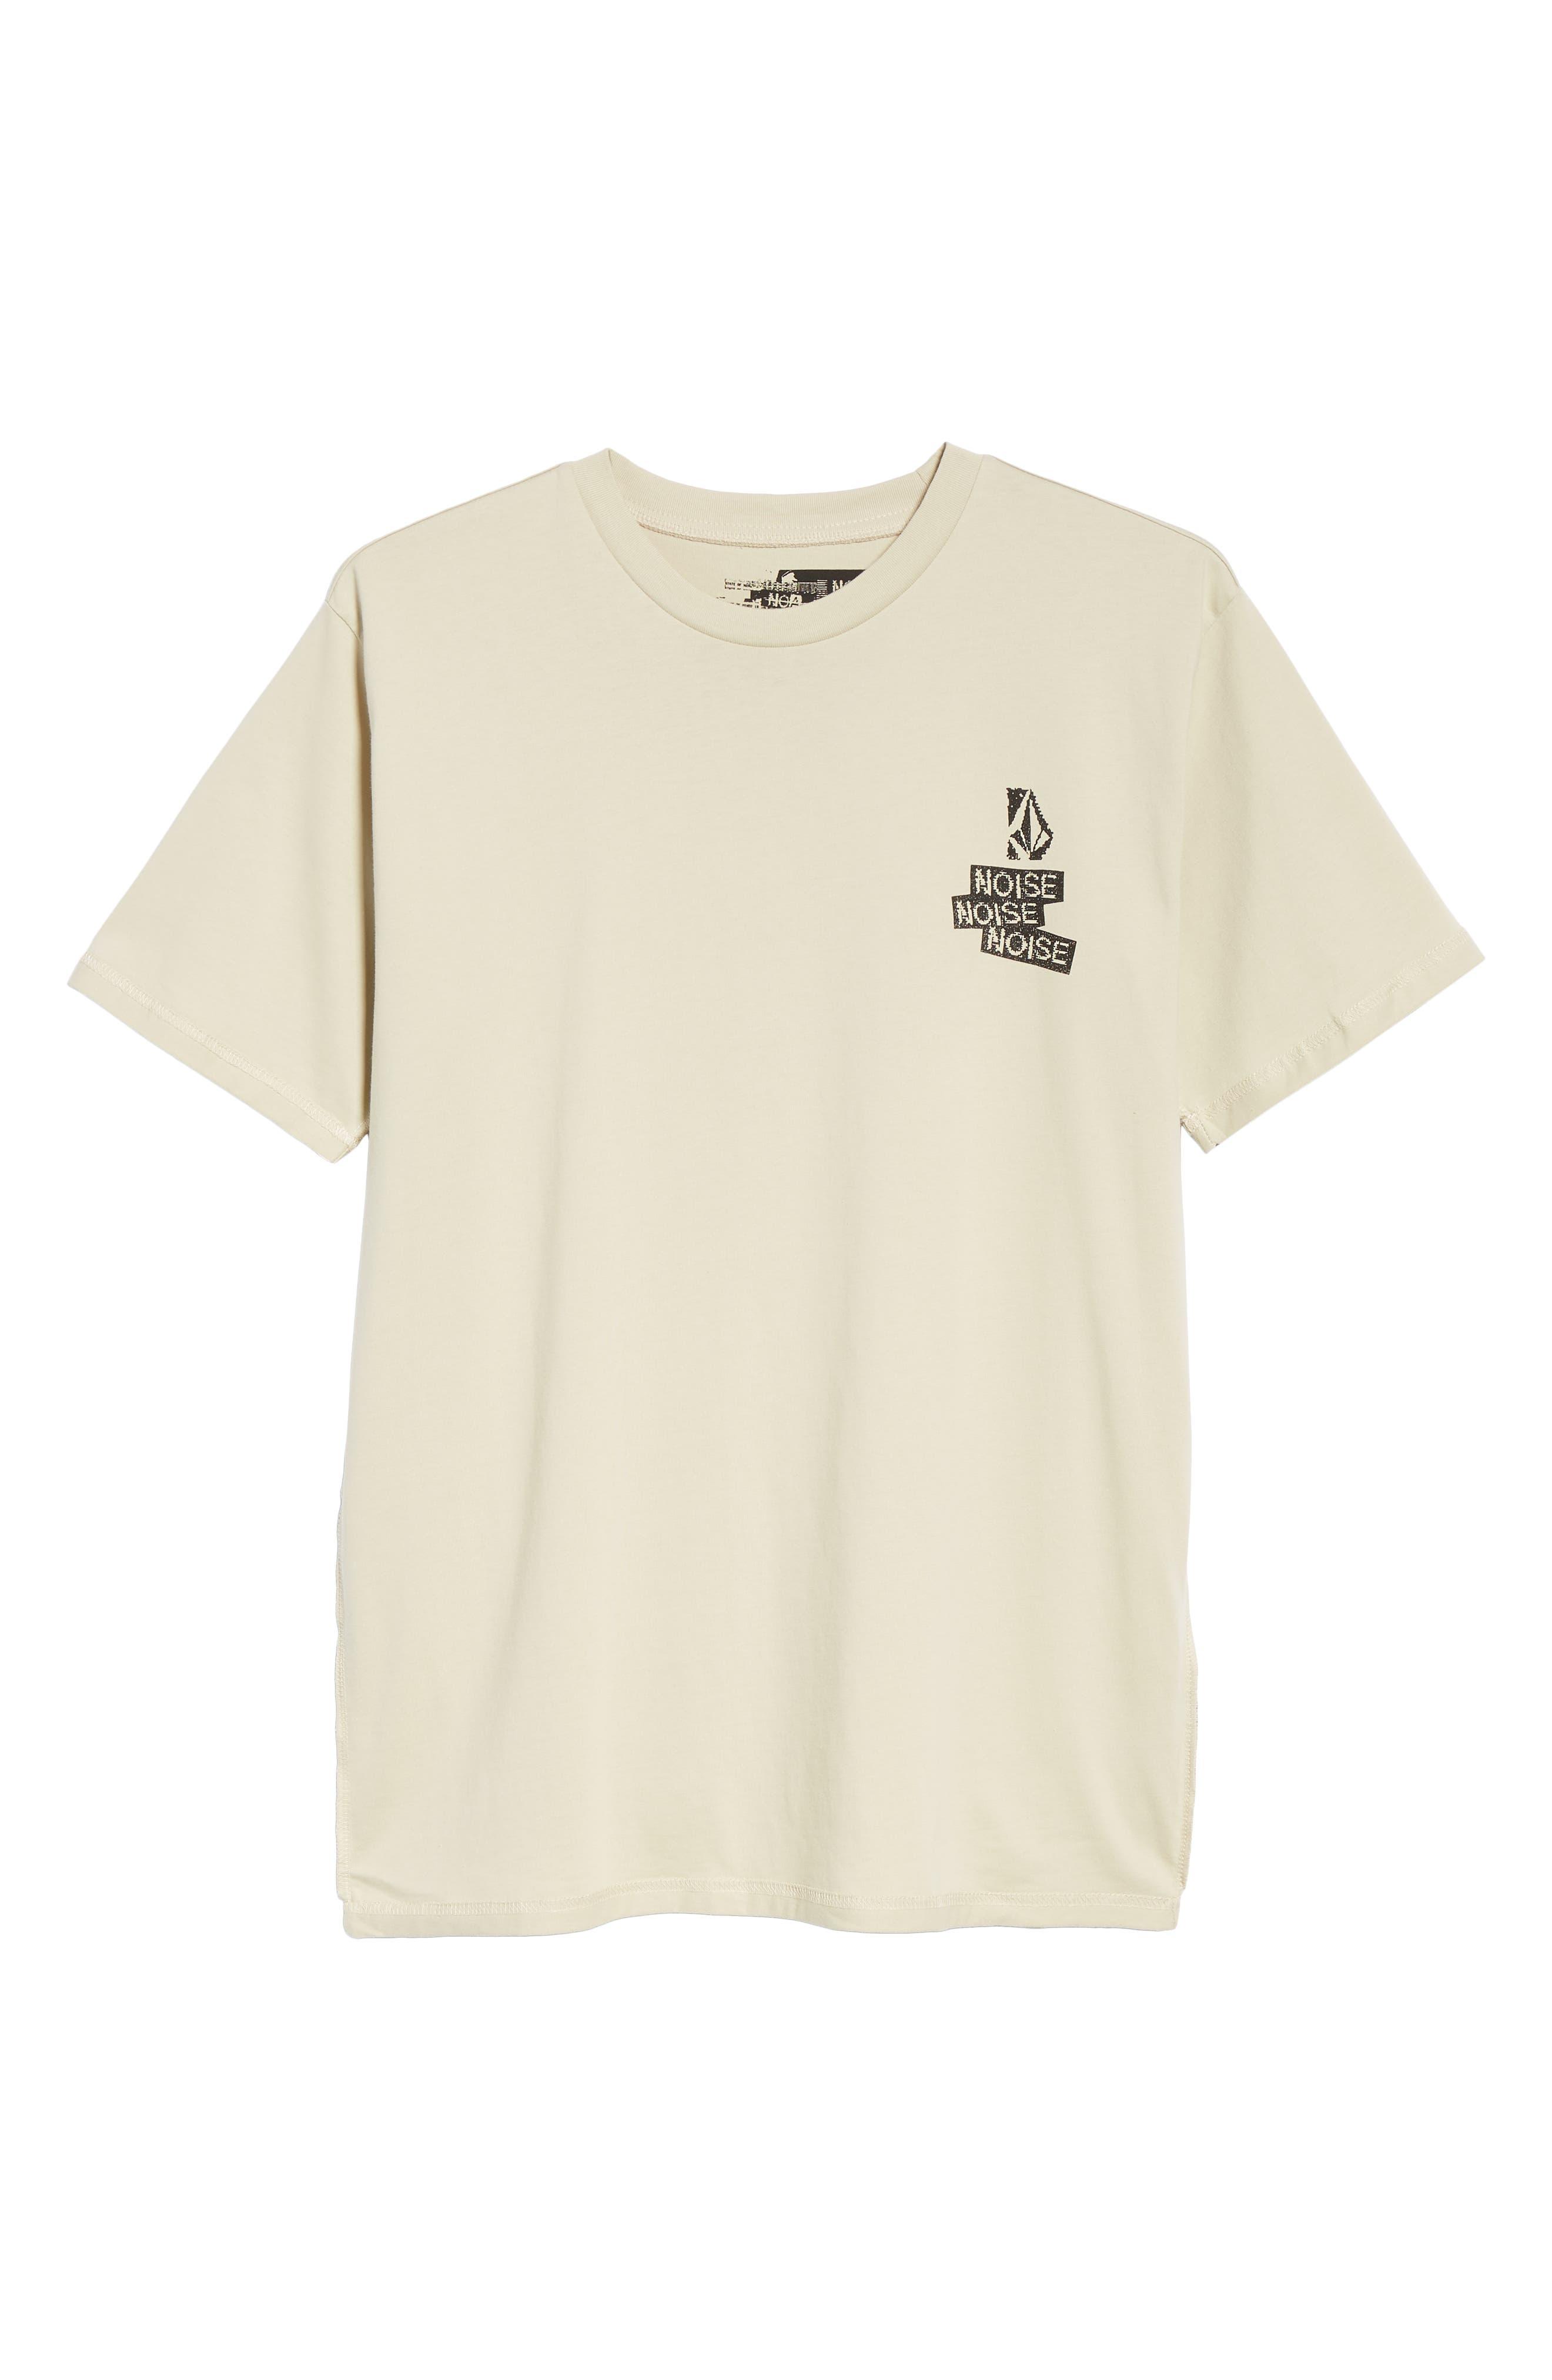 Noa Noise Graphic T-Shirt,                             Alternate thumbnail 6, color,                             283